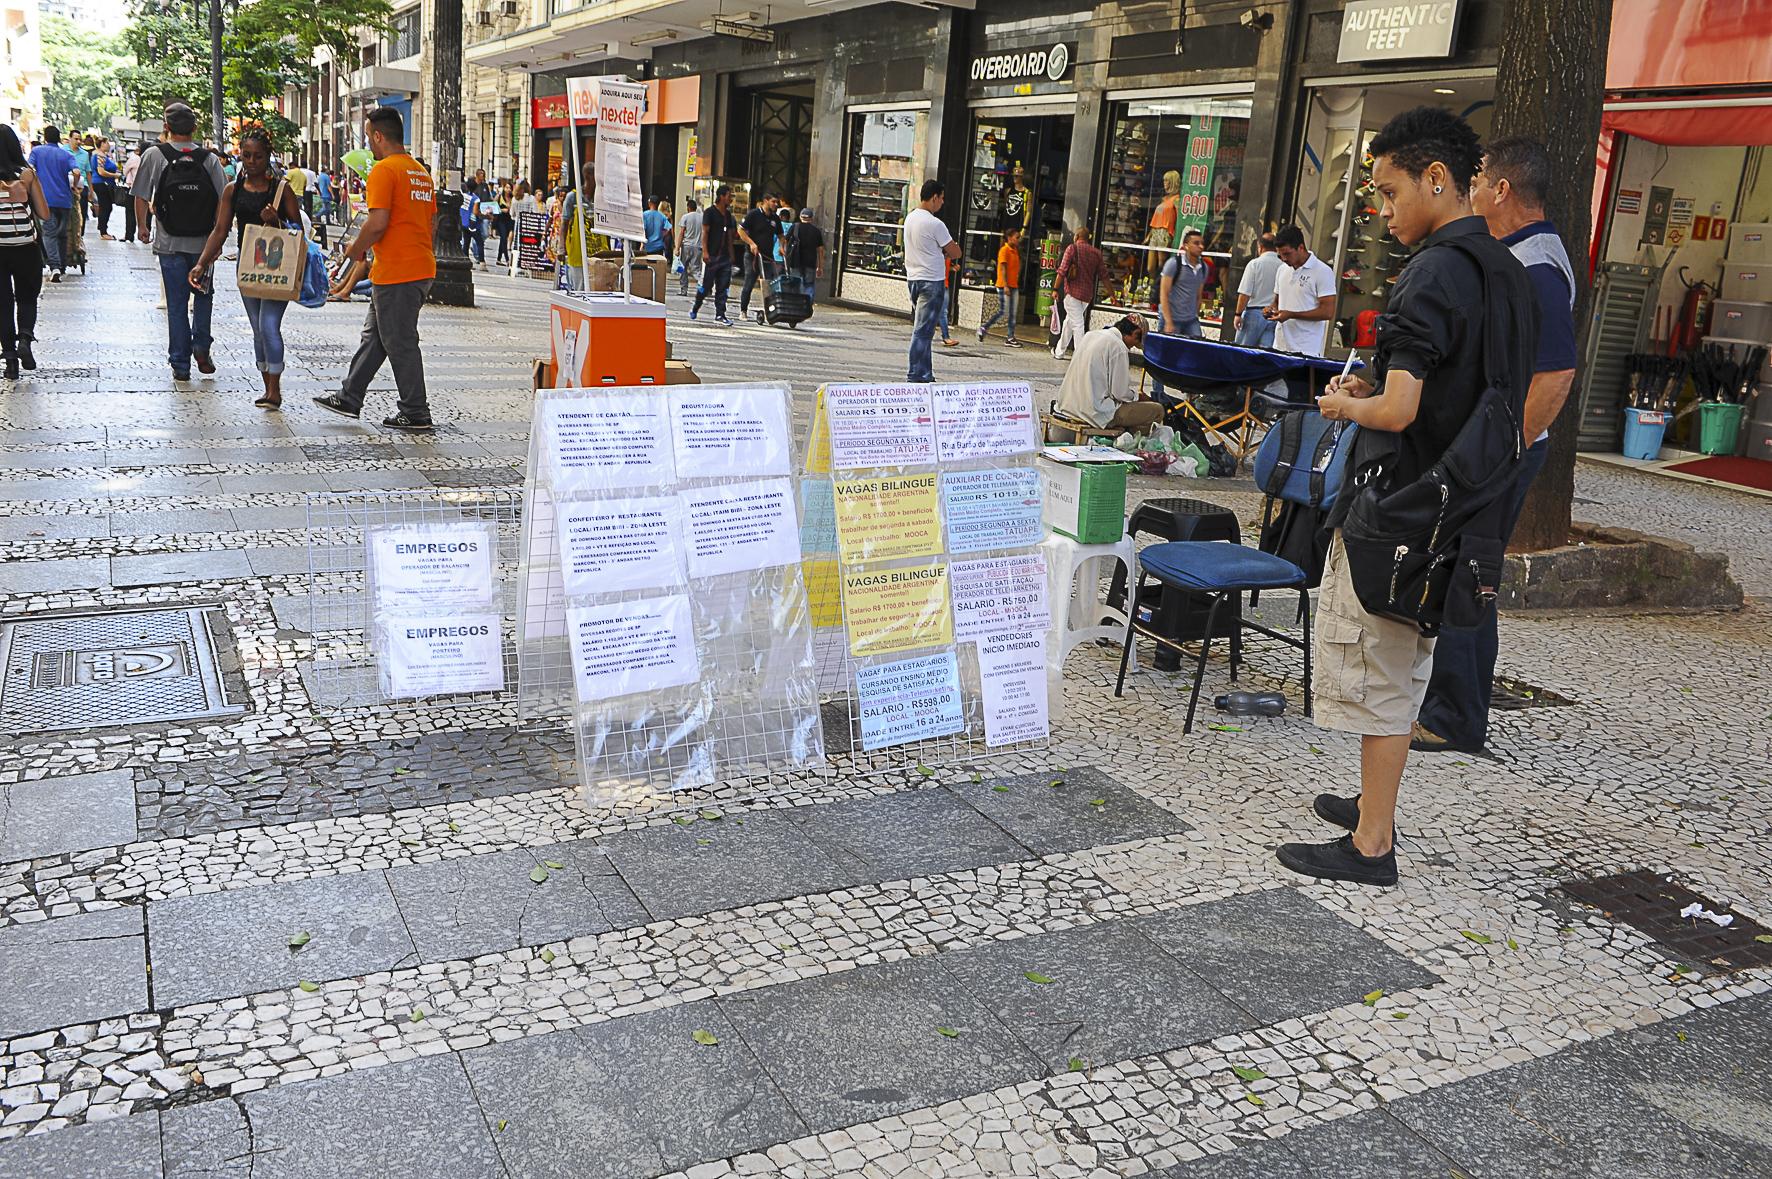 """""""Qualquer vaga serve"""": paulistanos saem às ruas em busca de emprego"""